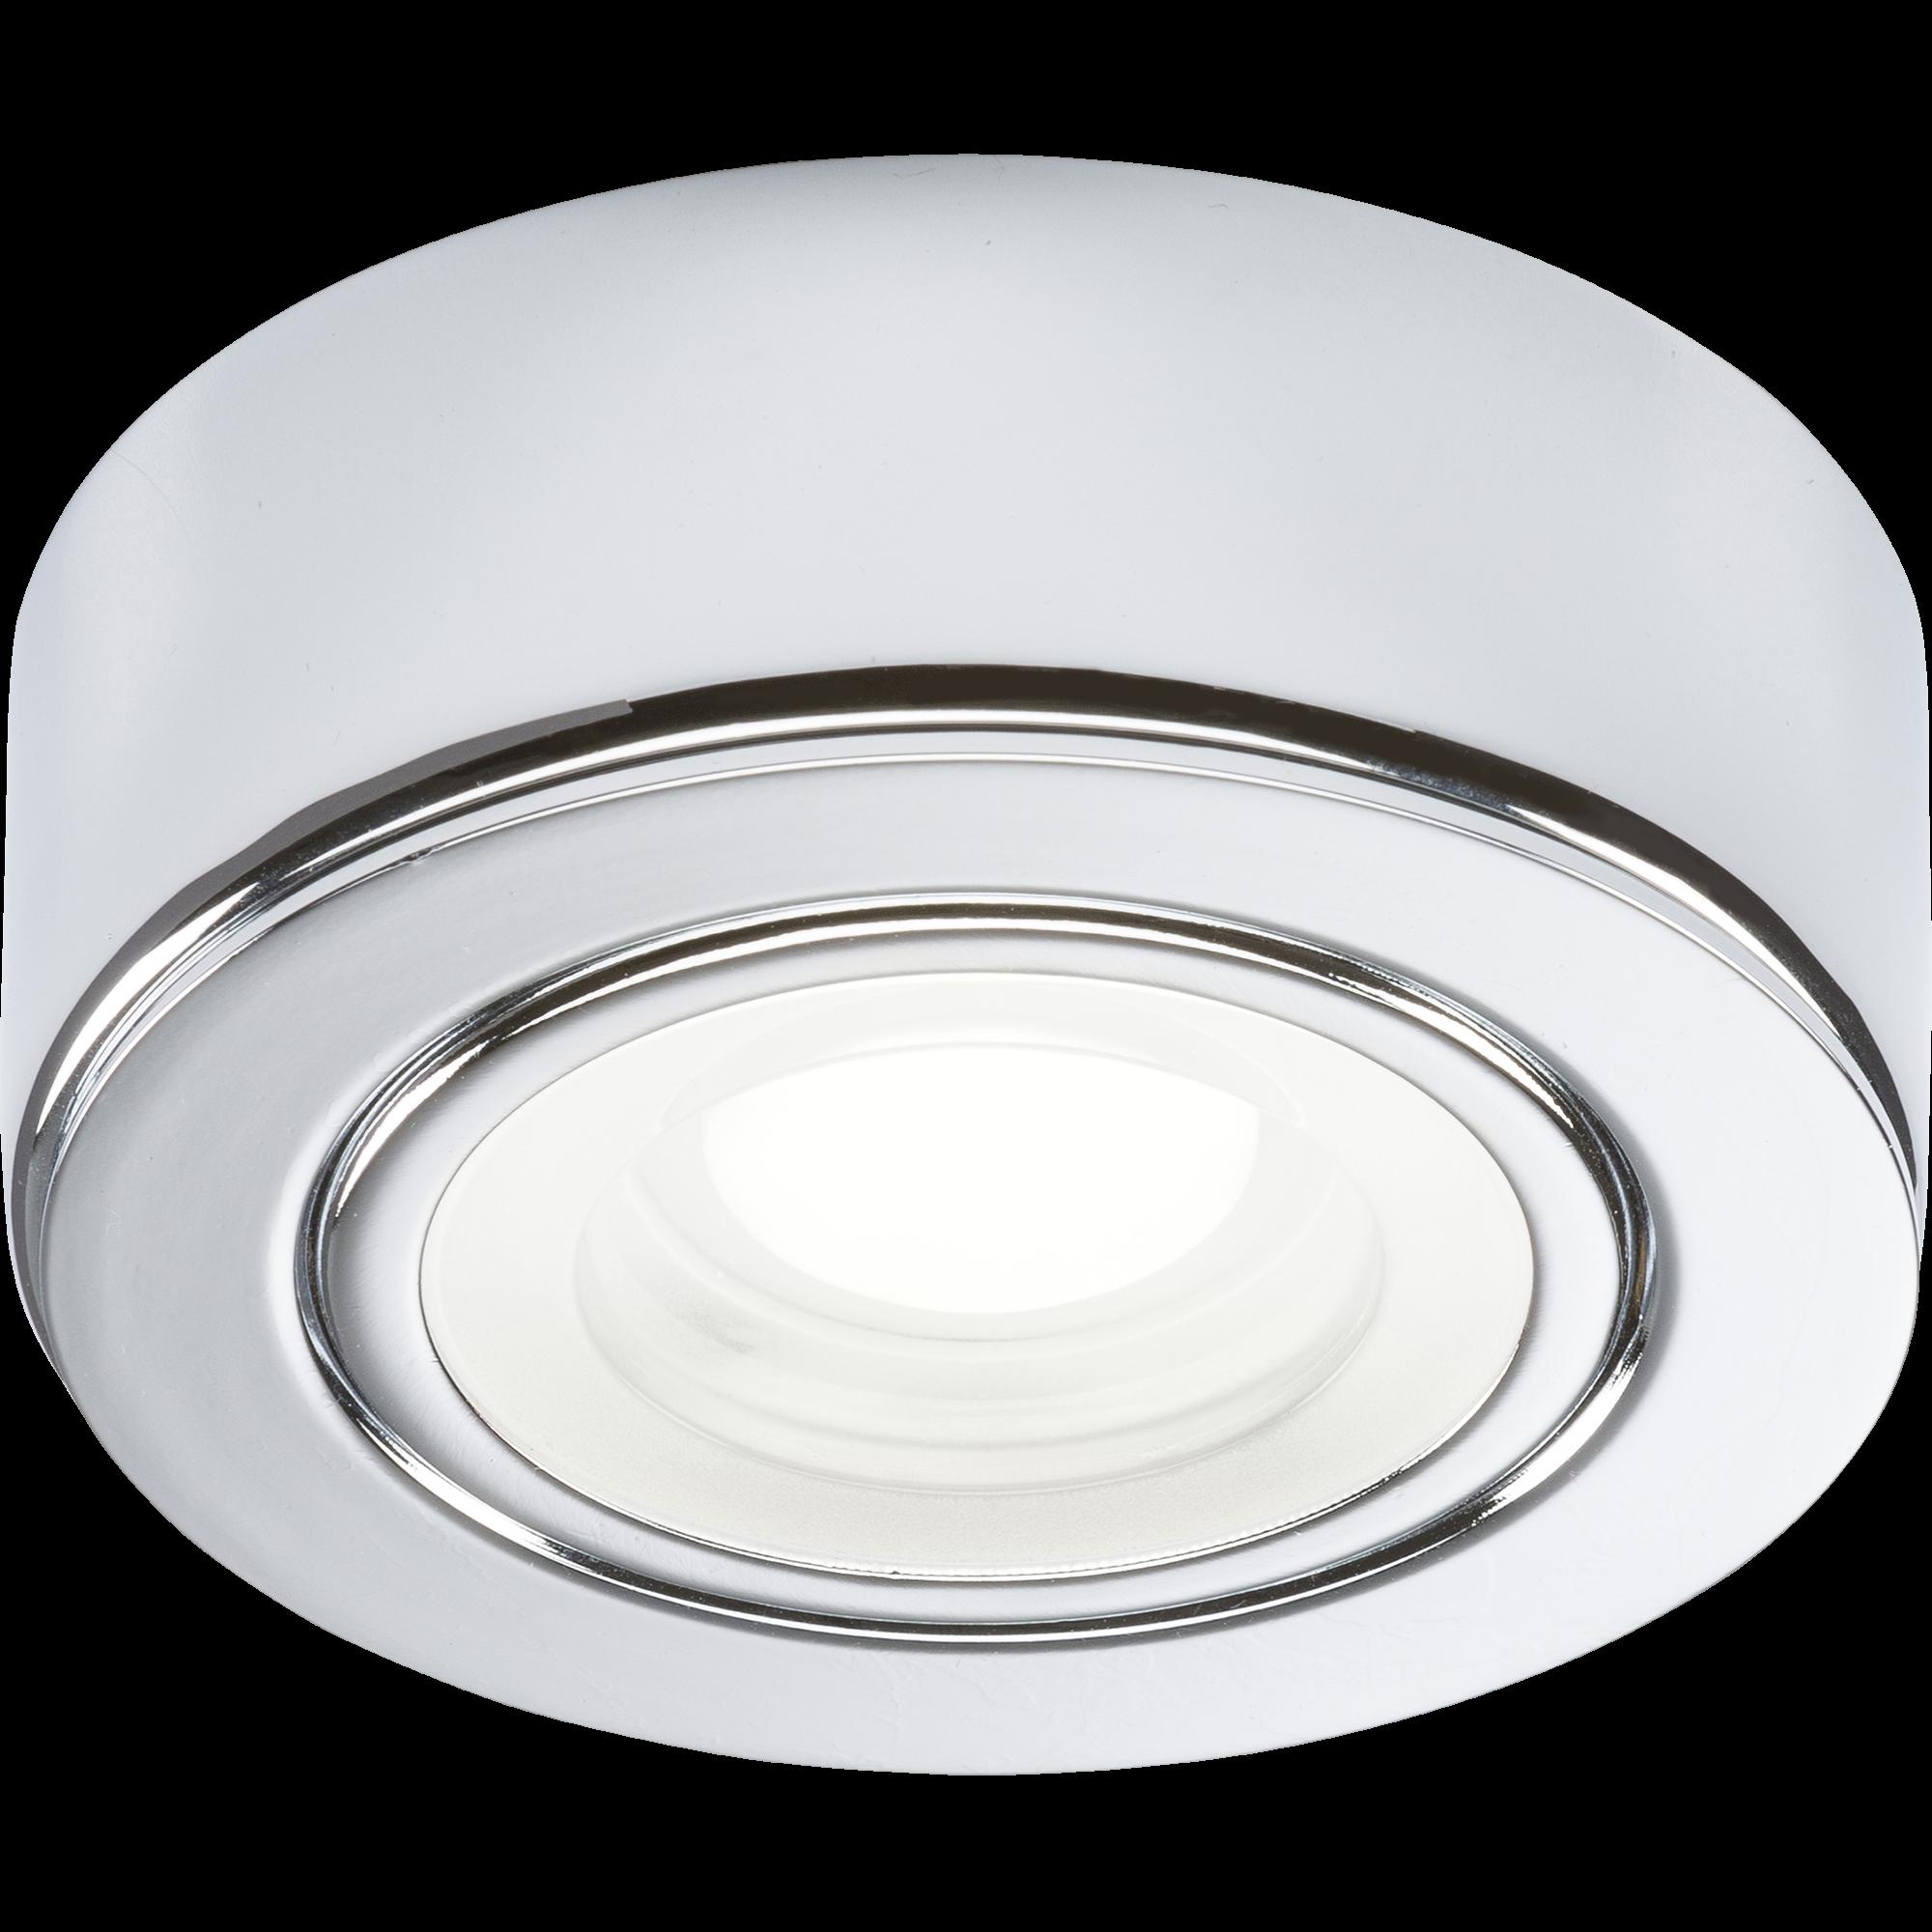 230V LED Under Cabinet Light -Chrome 4000K | Light Shop Direct